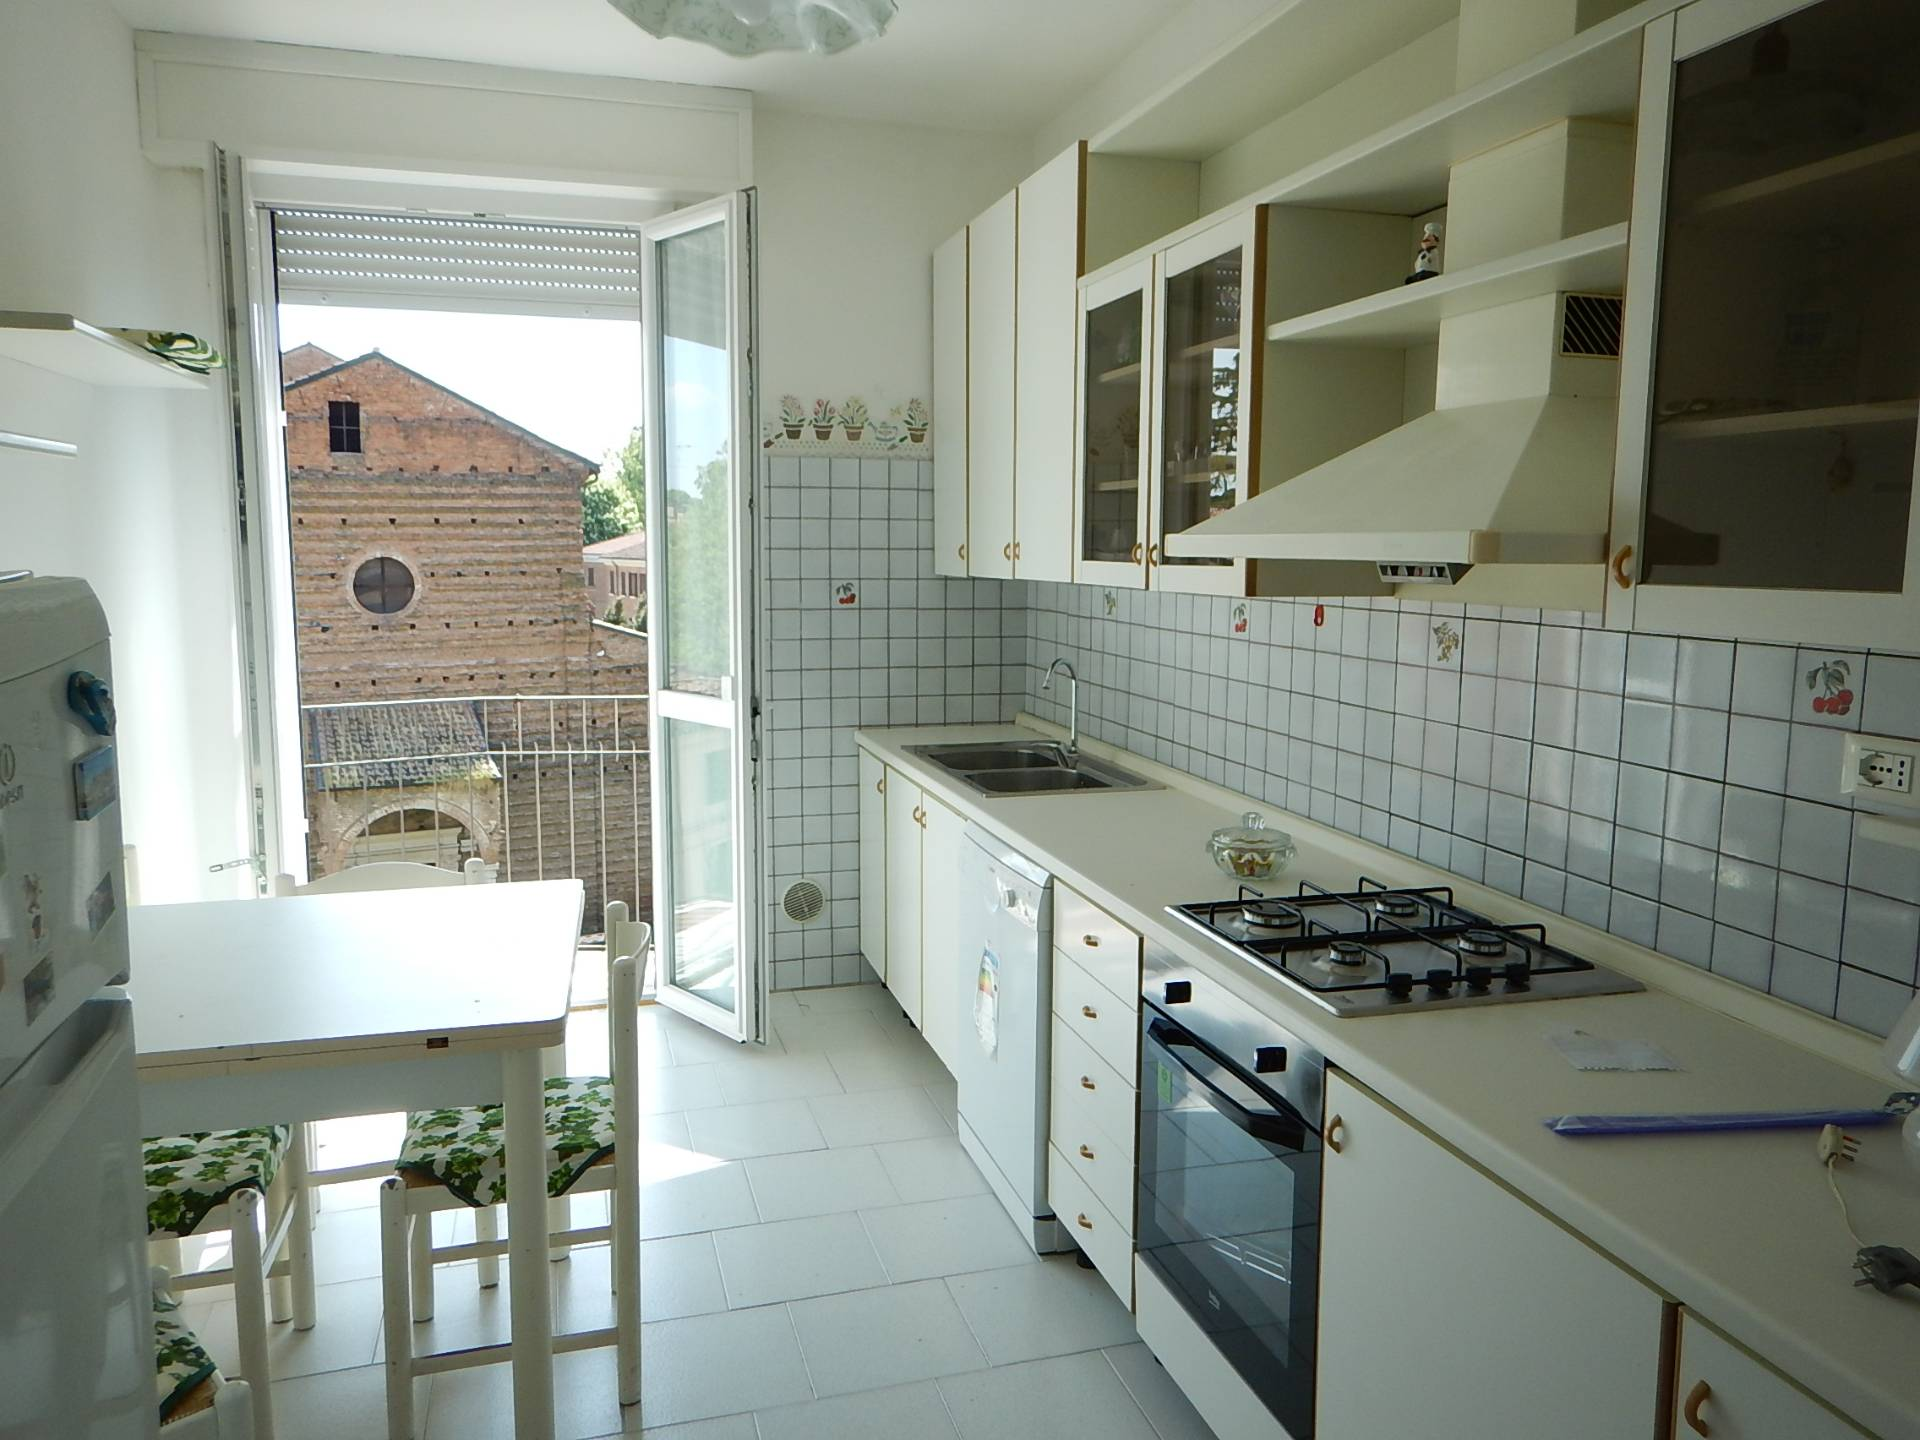 Appartamento in affitto a Ferrara, 5 locali, zona Località: Centrostorico, prezzo € 700 | Cambio Casa.it